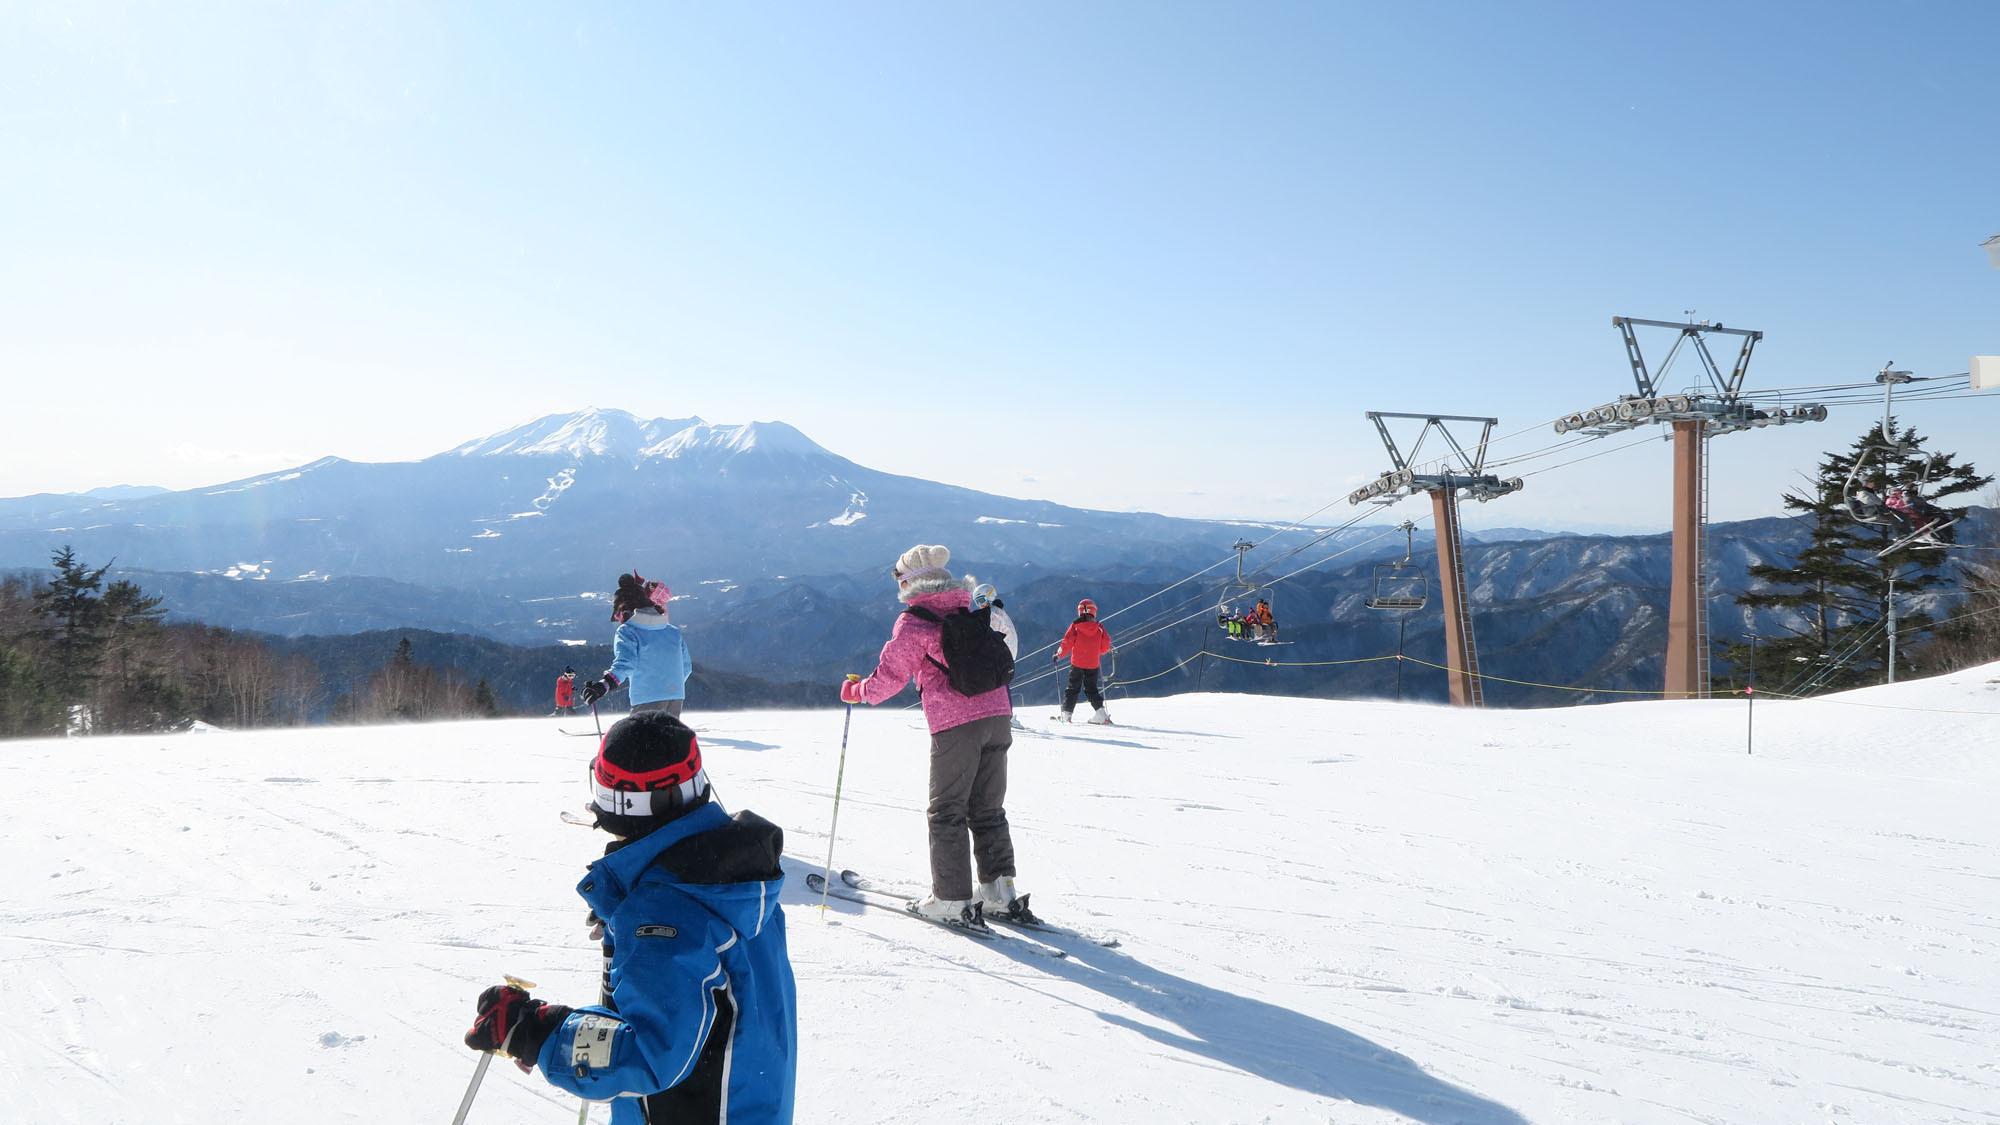 【冬・スキー】木曽福島スキー場。ゲレンデから眺める御嶽山は見事!